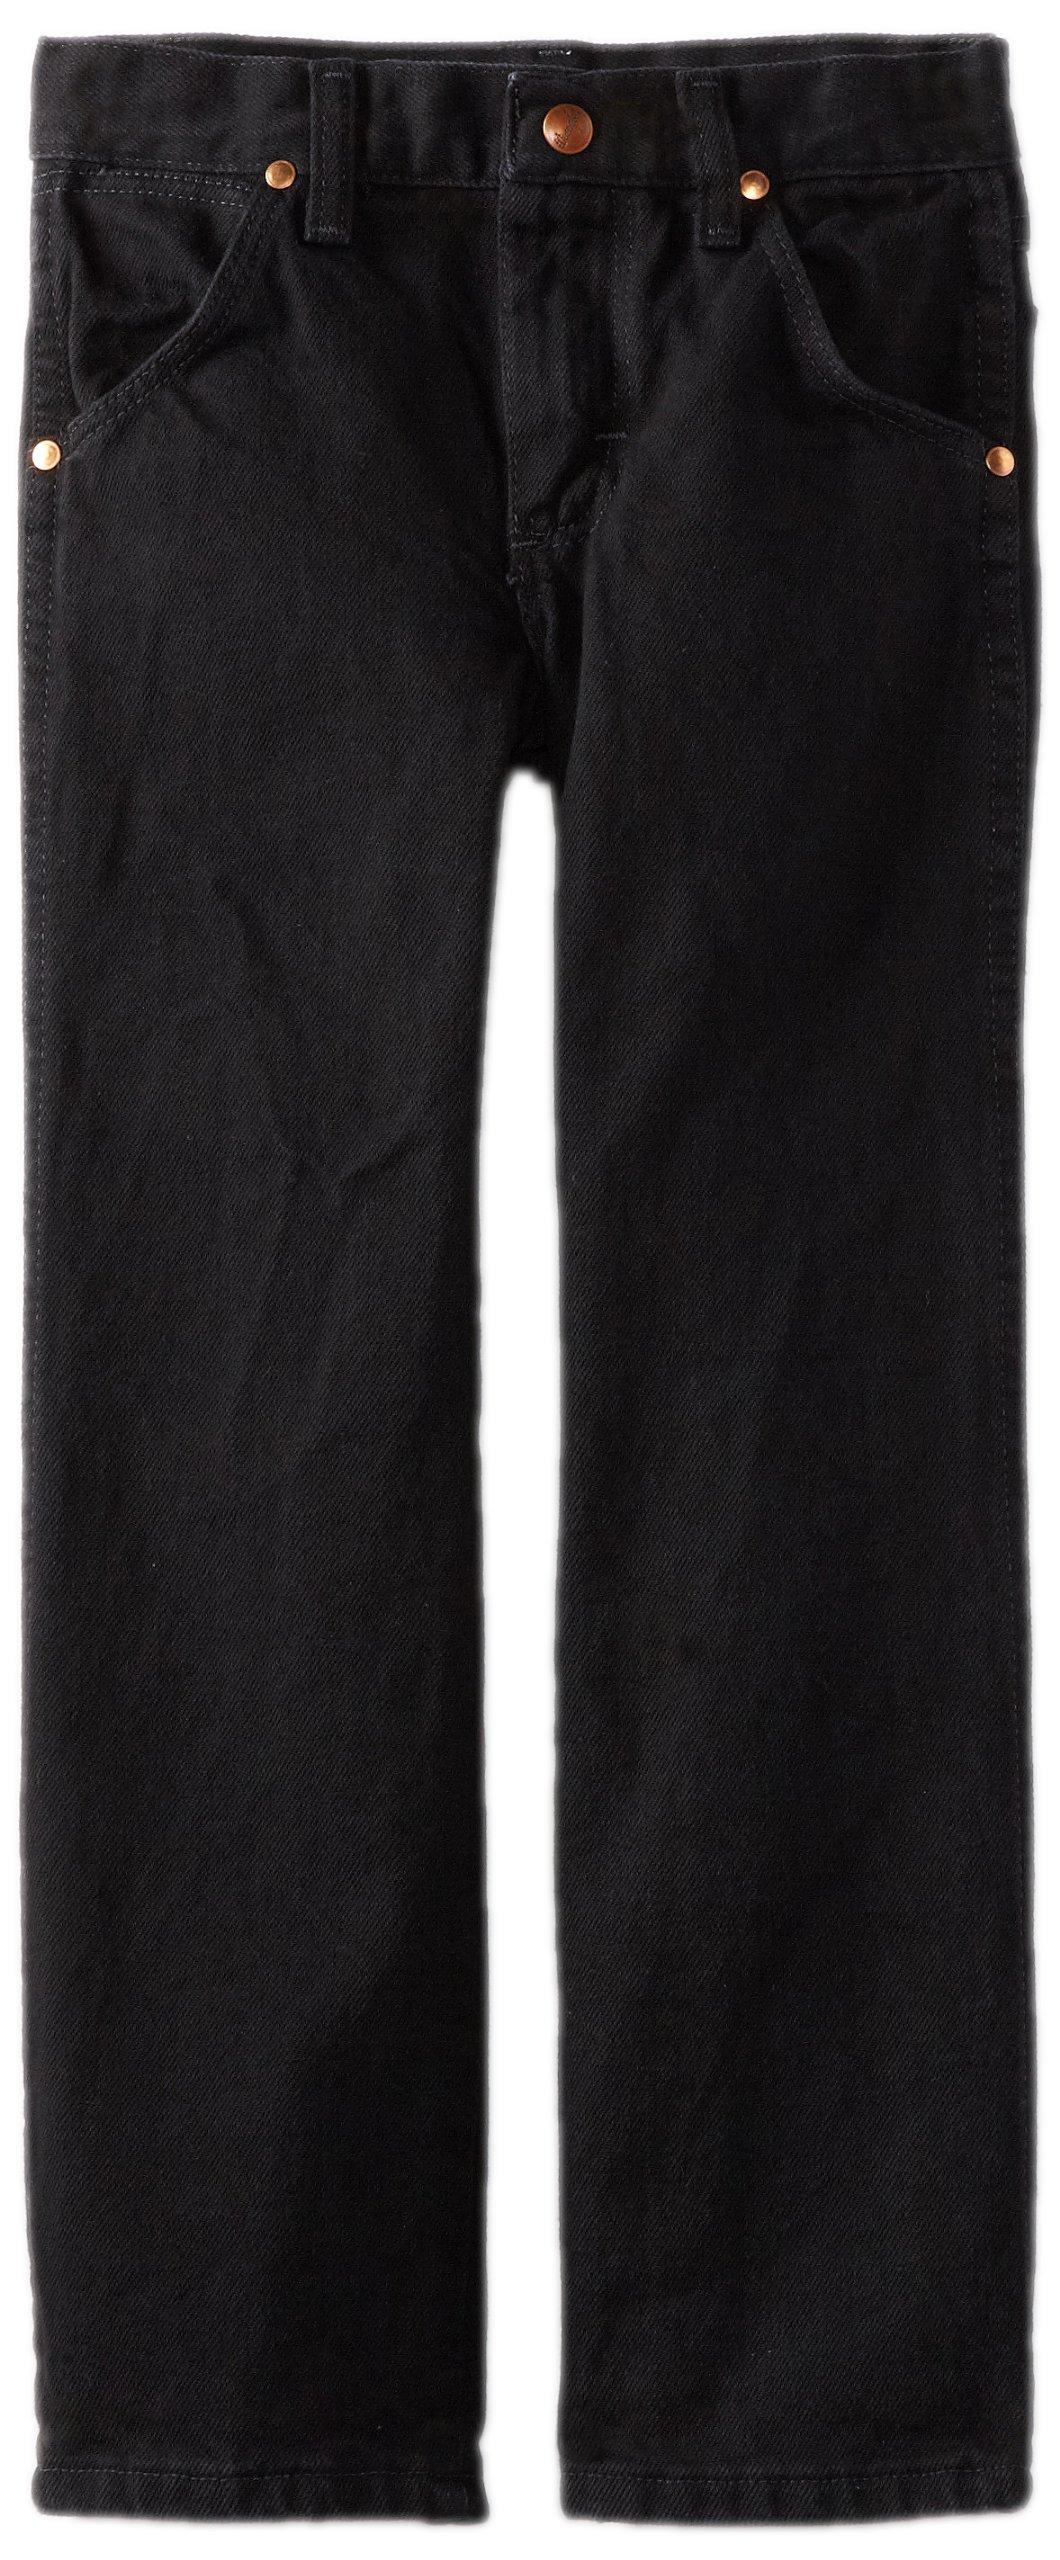 Wrangler Little Boys' Original ProRodeo Jeans, Overdyed Black Denim, 3T Slim